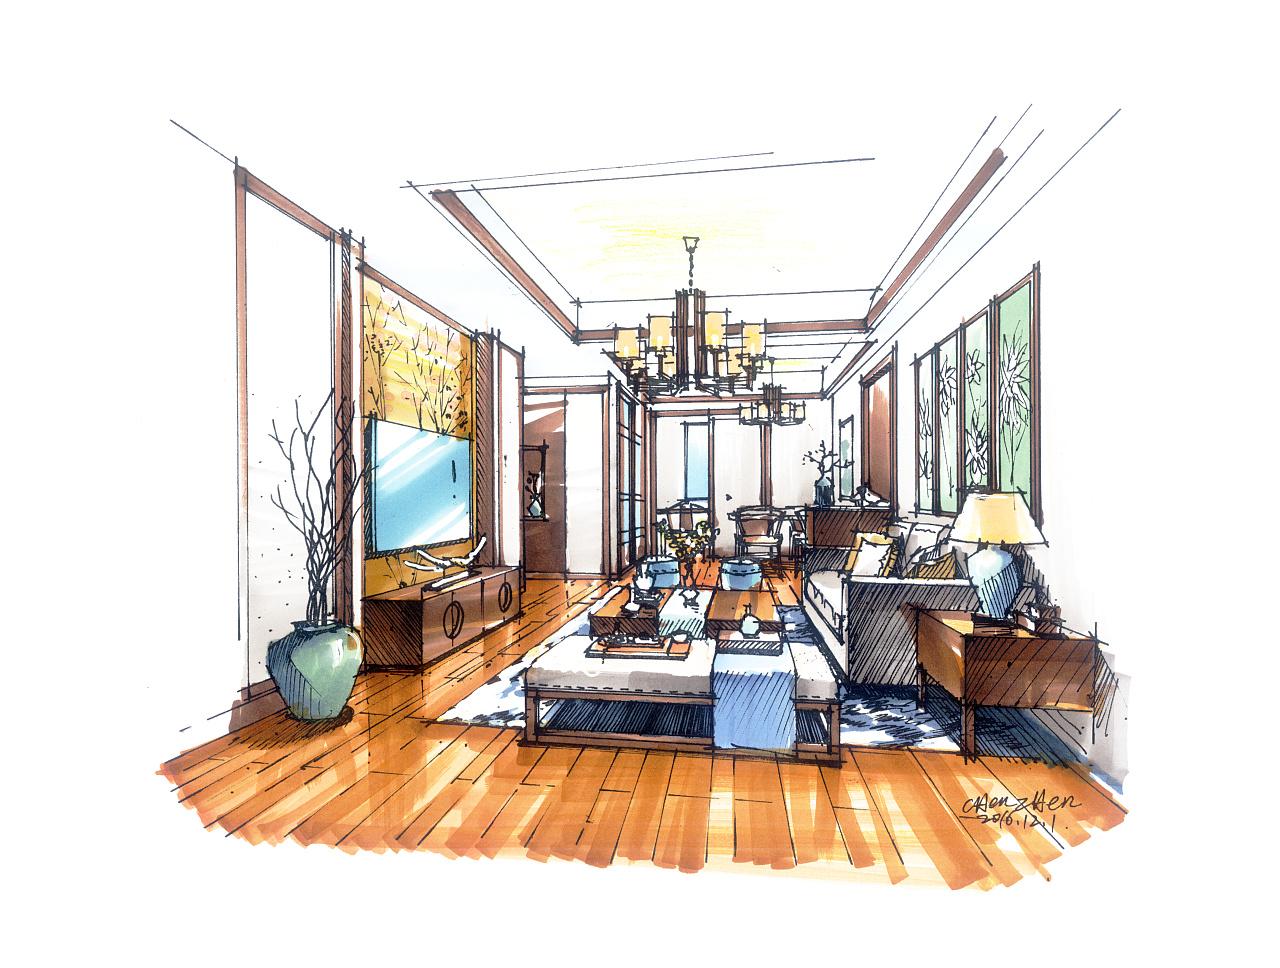 去年的室内手绘作品|空间|室内设计|虎子陈珍 - 原创